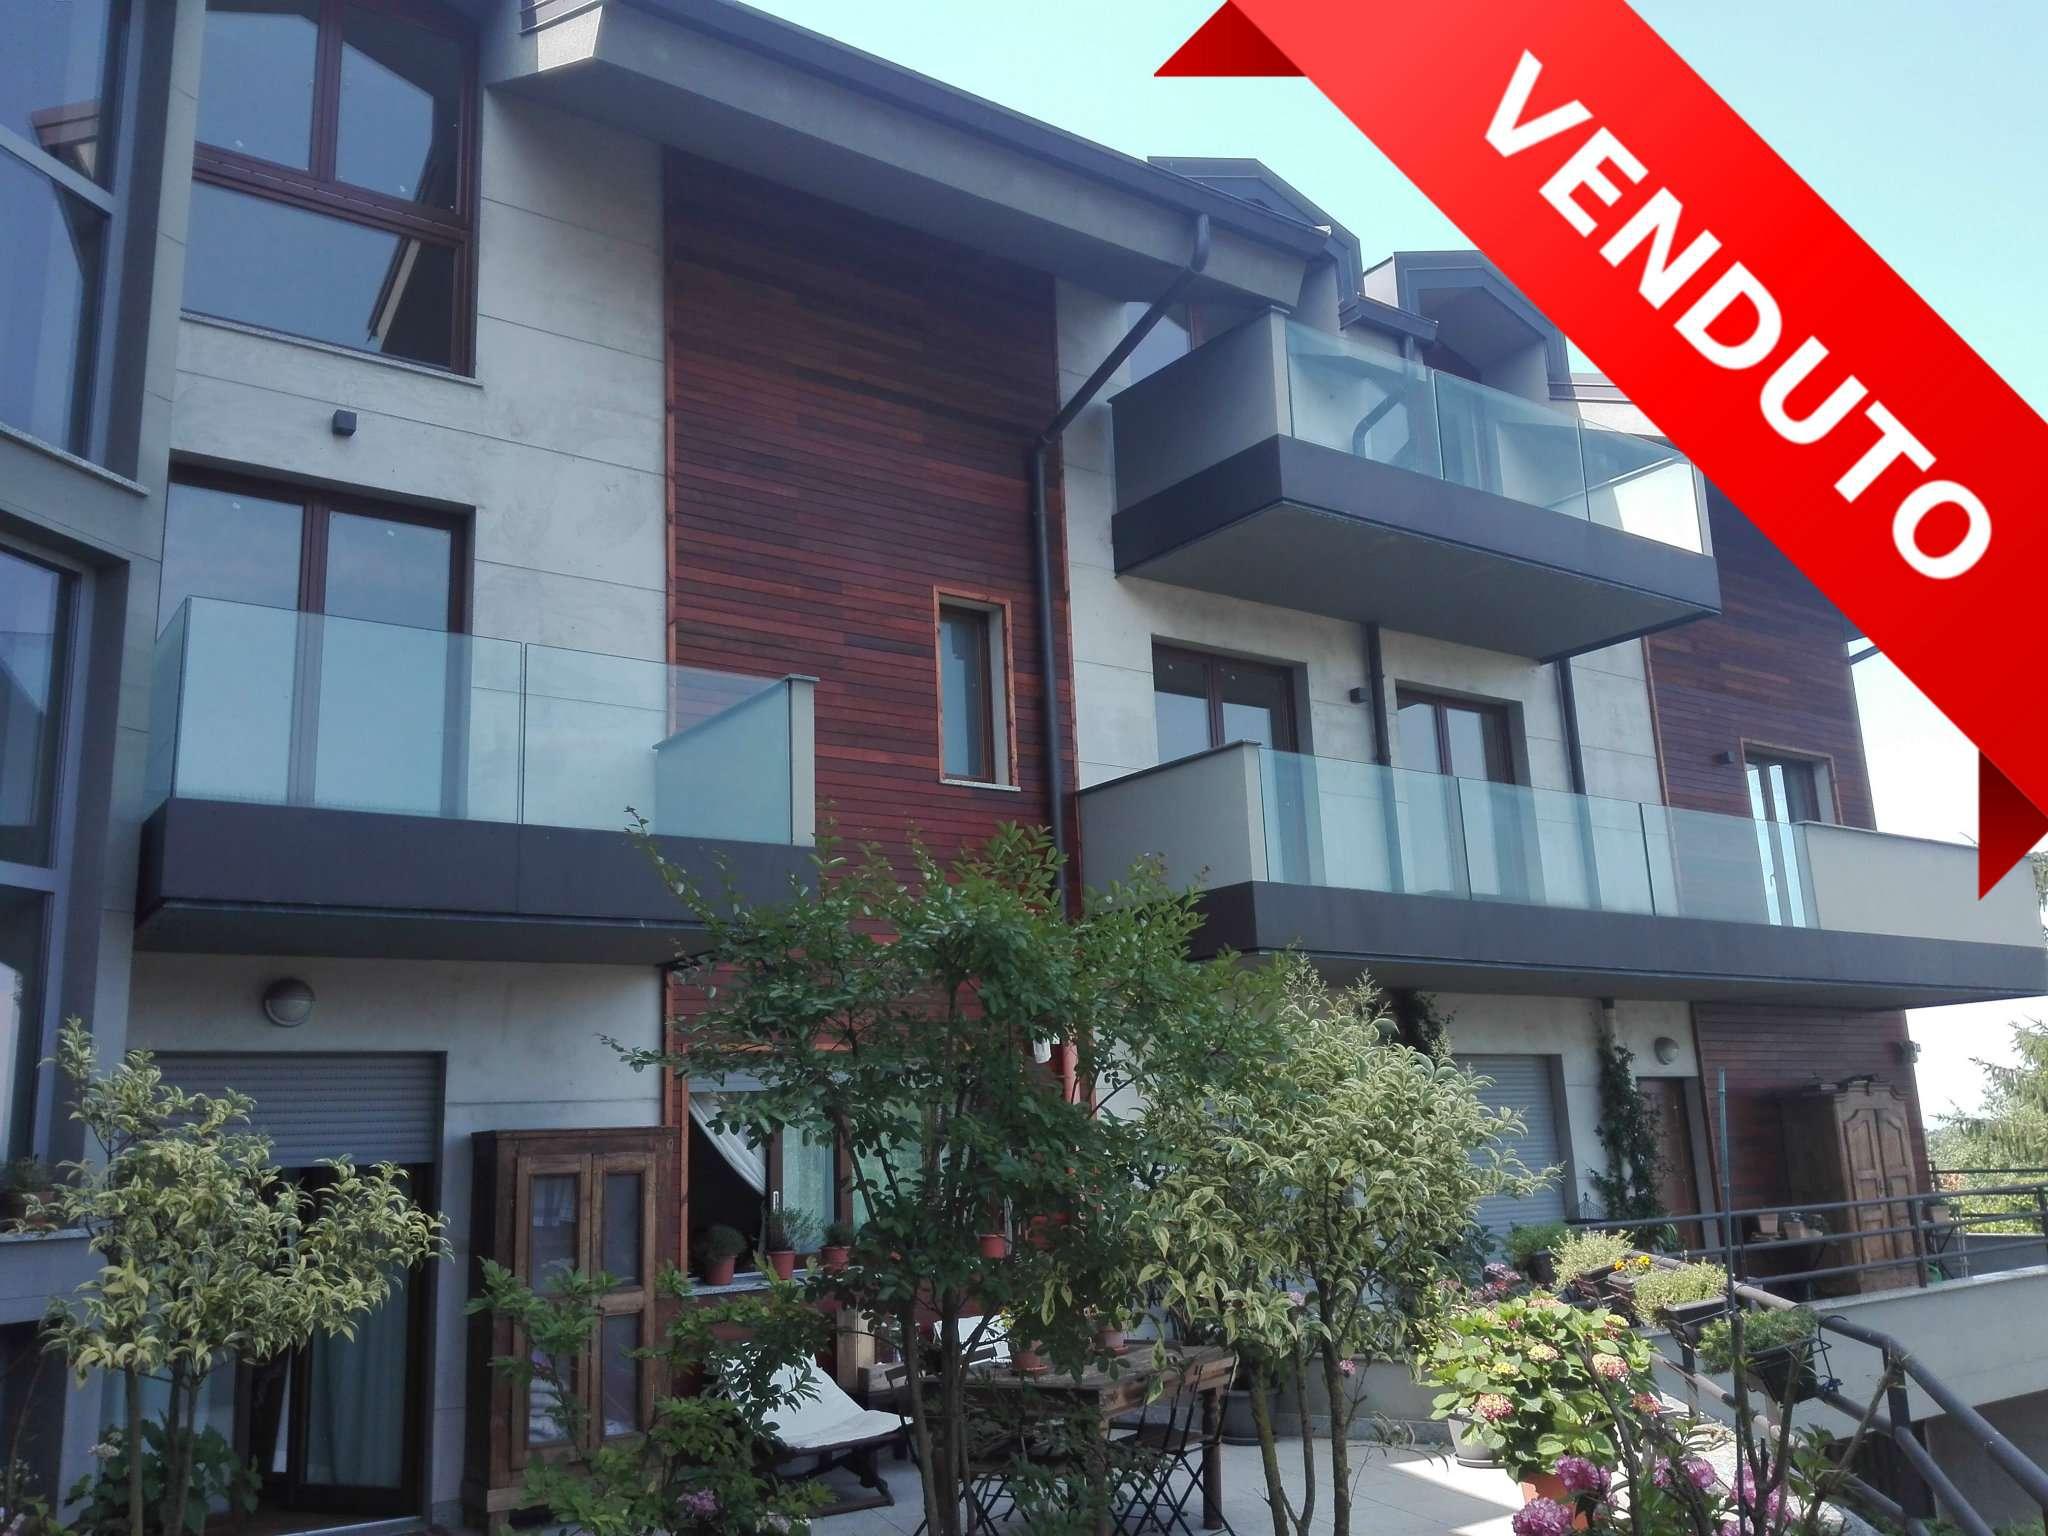 Appartamento in vendita a Pecetto Torinese, 2 locali, prezzo € 152.000 | CambioCasa.it